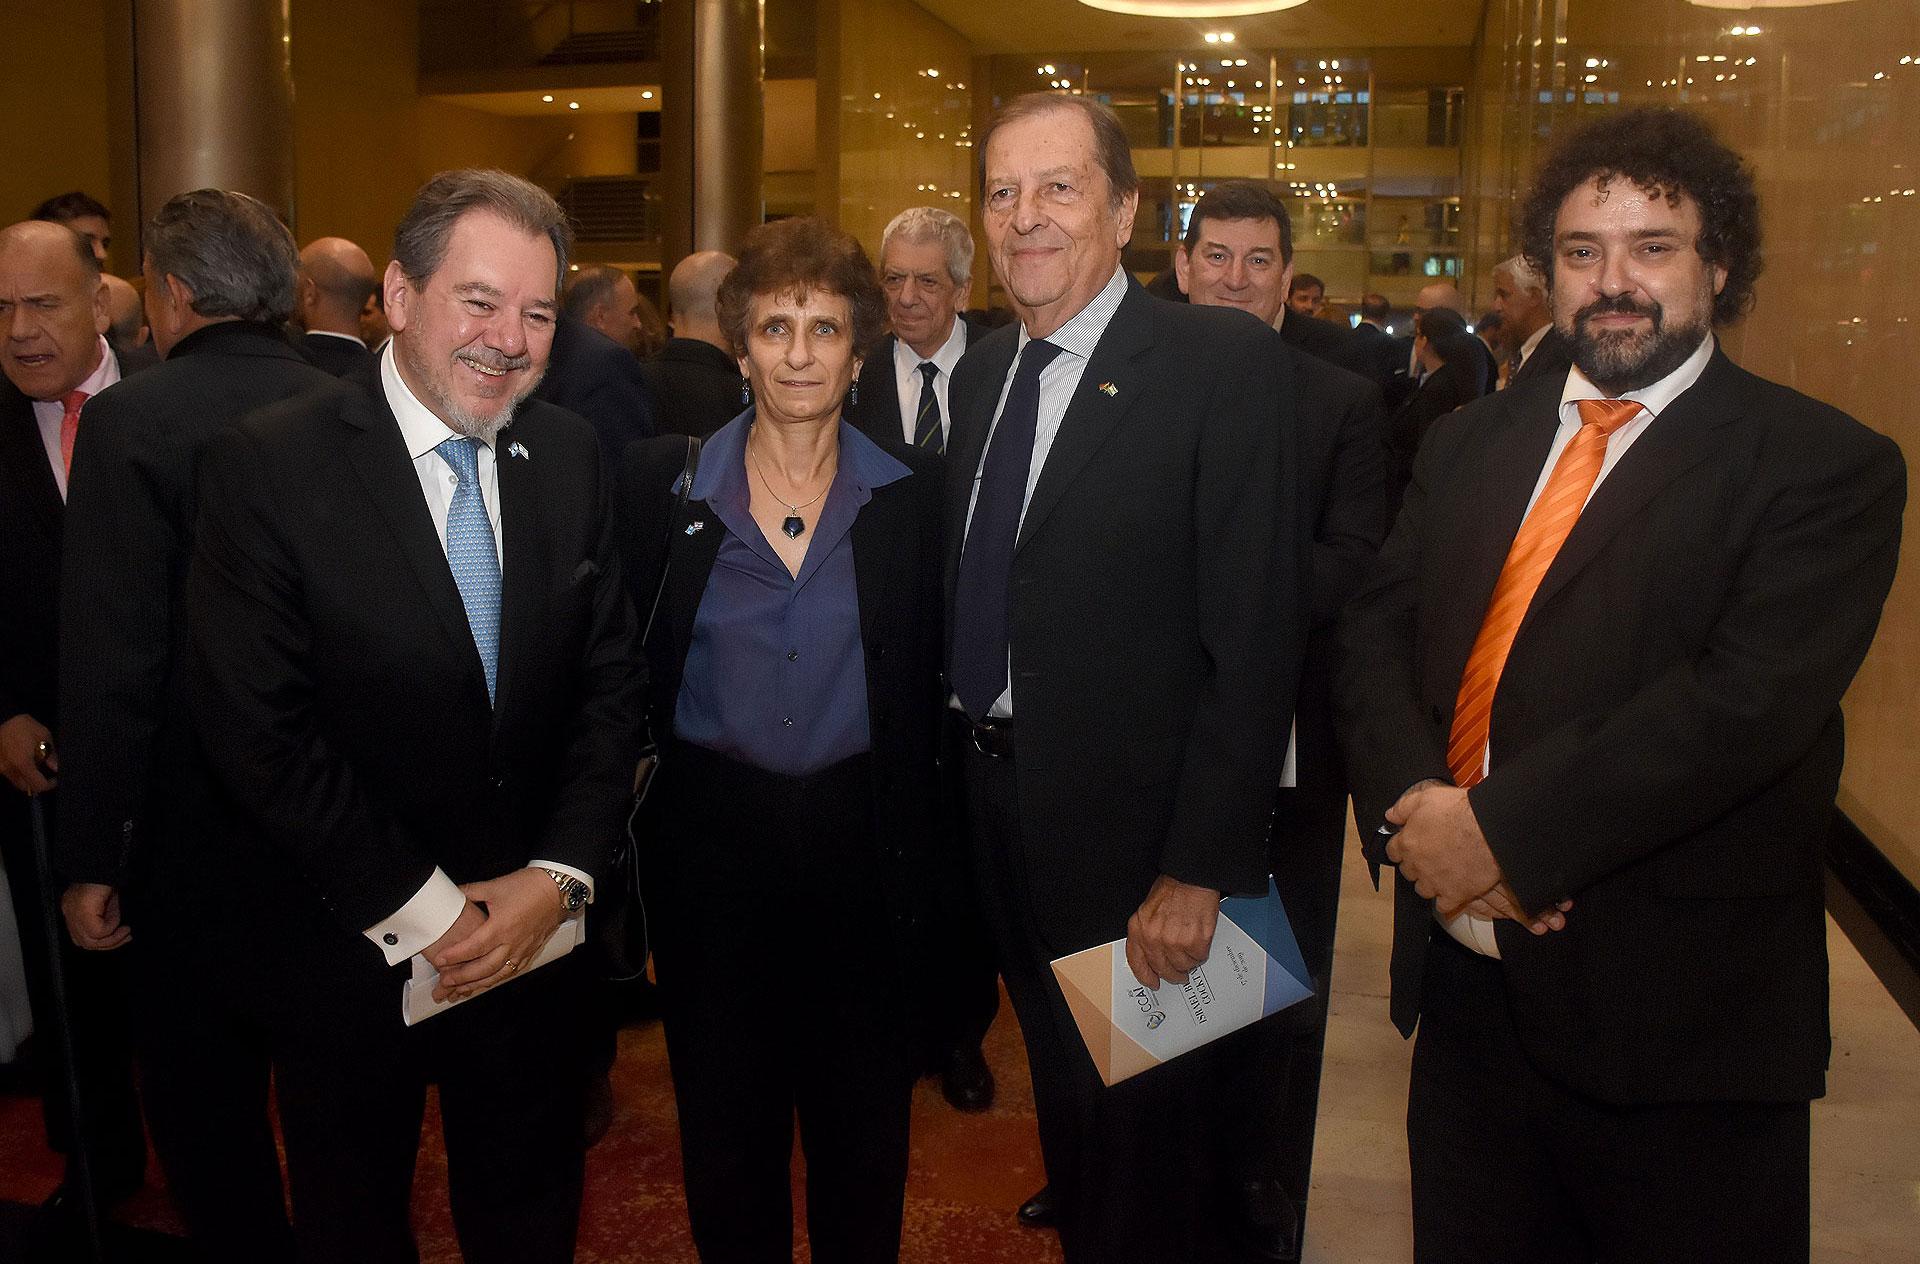 Mario Montoto junto a la embajadora Galit Ronen; Oscar Hansen, presidente de la Cámara de Comercio Argentino Sudafricana; y Claudio Epelman, director ejecutivo del Congreso Judío Latinoamericano